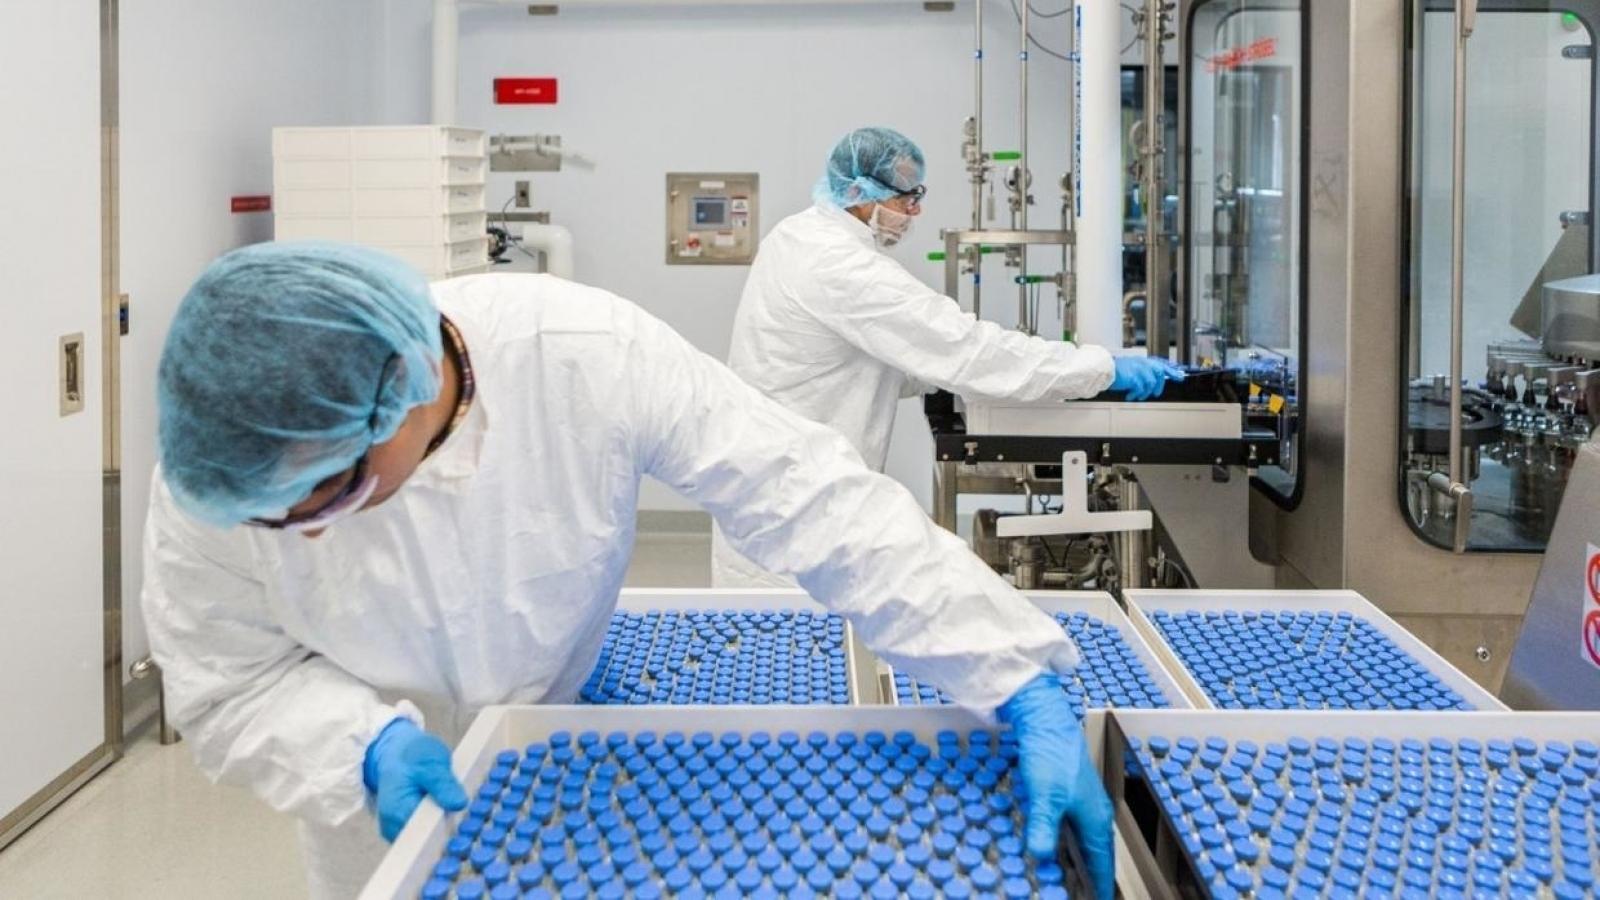 Nga sắp hoàn tất thử nghiệm lâm sàng thuốc điều trị Covid-19